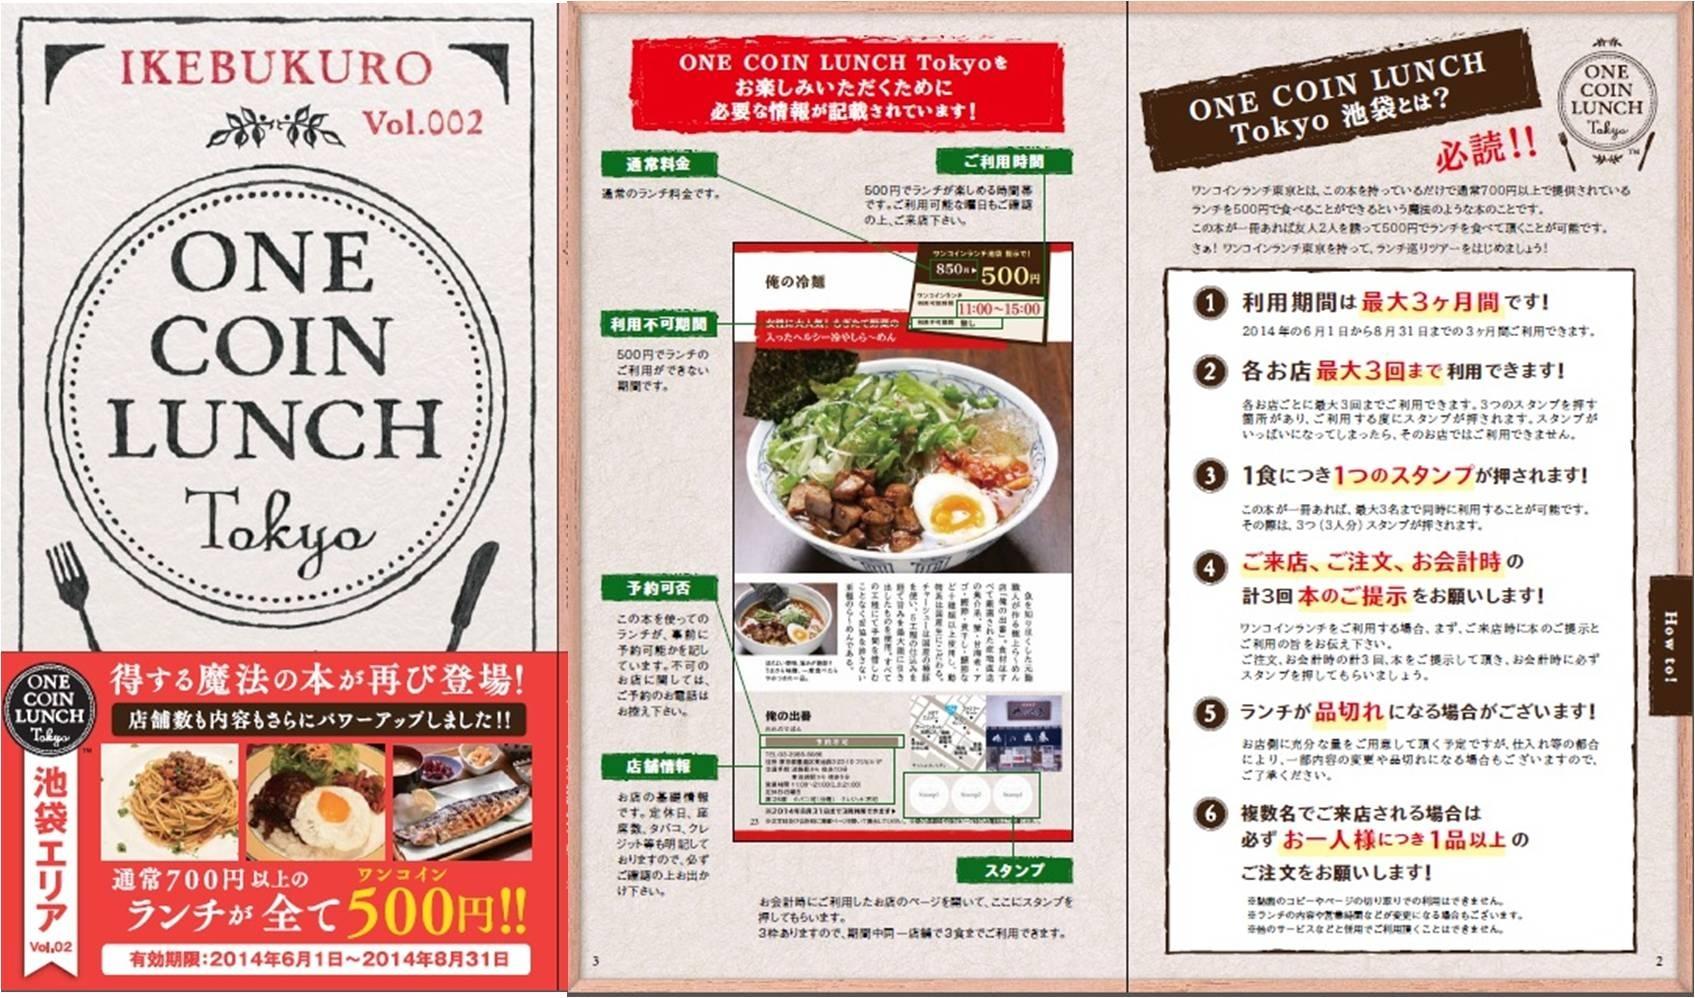 元気UPプロジェクト、最大1,050円のランチが500円で食べられる書籍「ONE COIN LUNCH Tokyo 池袋Vol2」を販売開始。